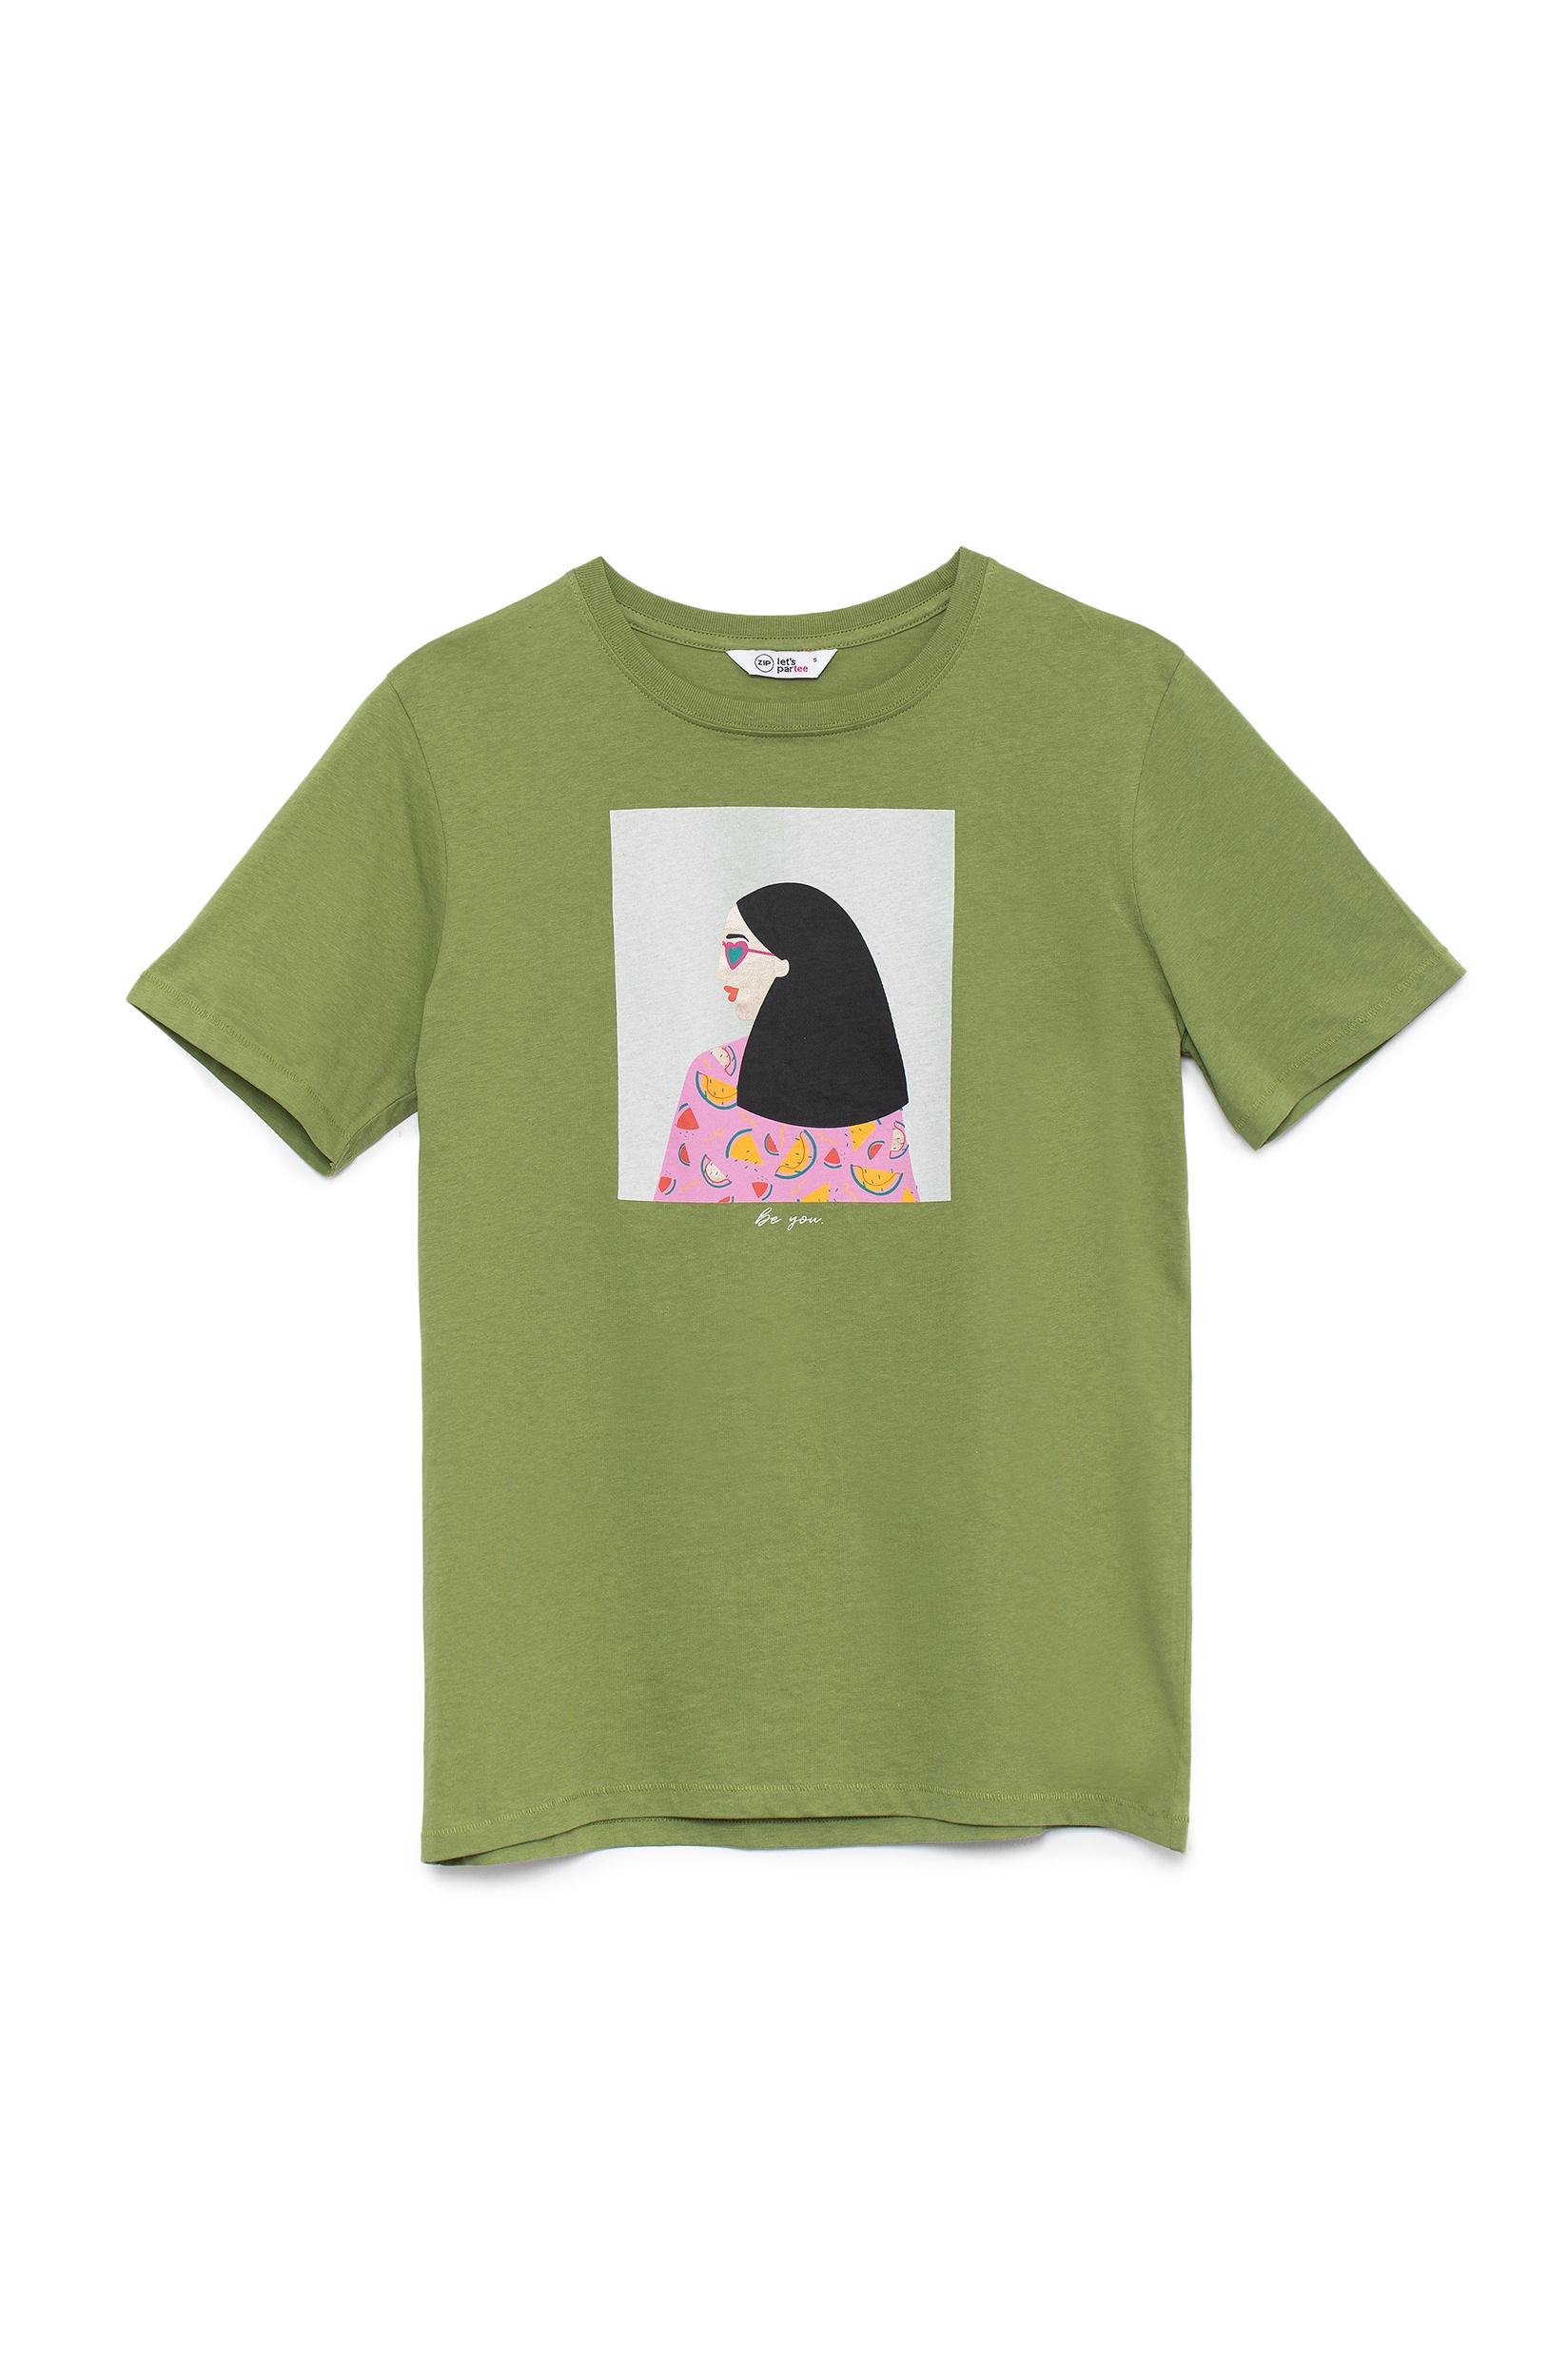 חולצת טי הדפס אישה ואבטיחים